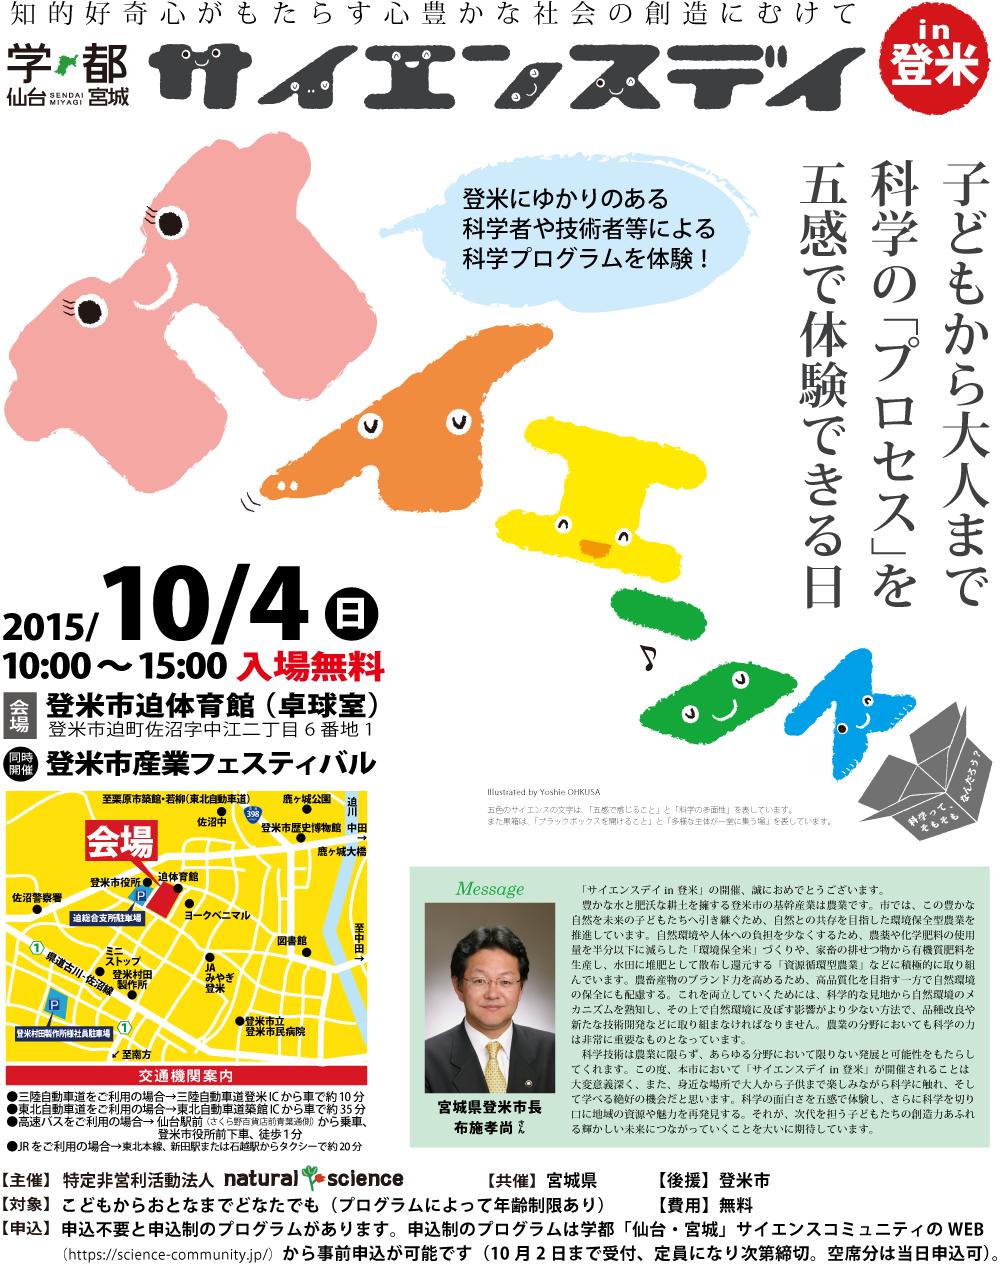 【写真1】石巻市立中里小学校を主会場にして11月30日、『学都「仙台・宮城」サイエンスデイin石巻』を開催。